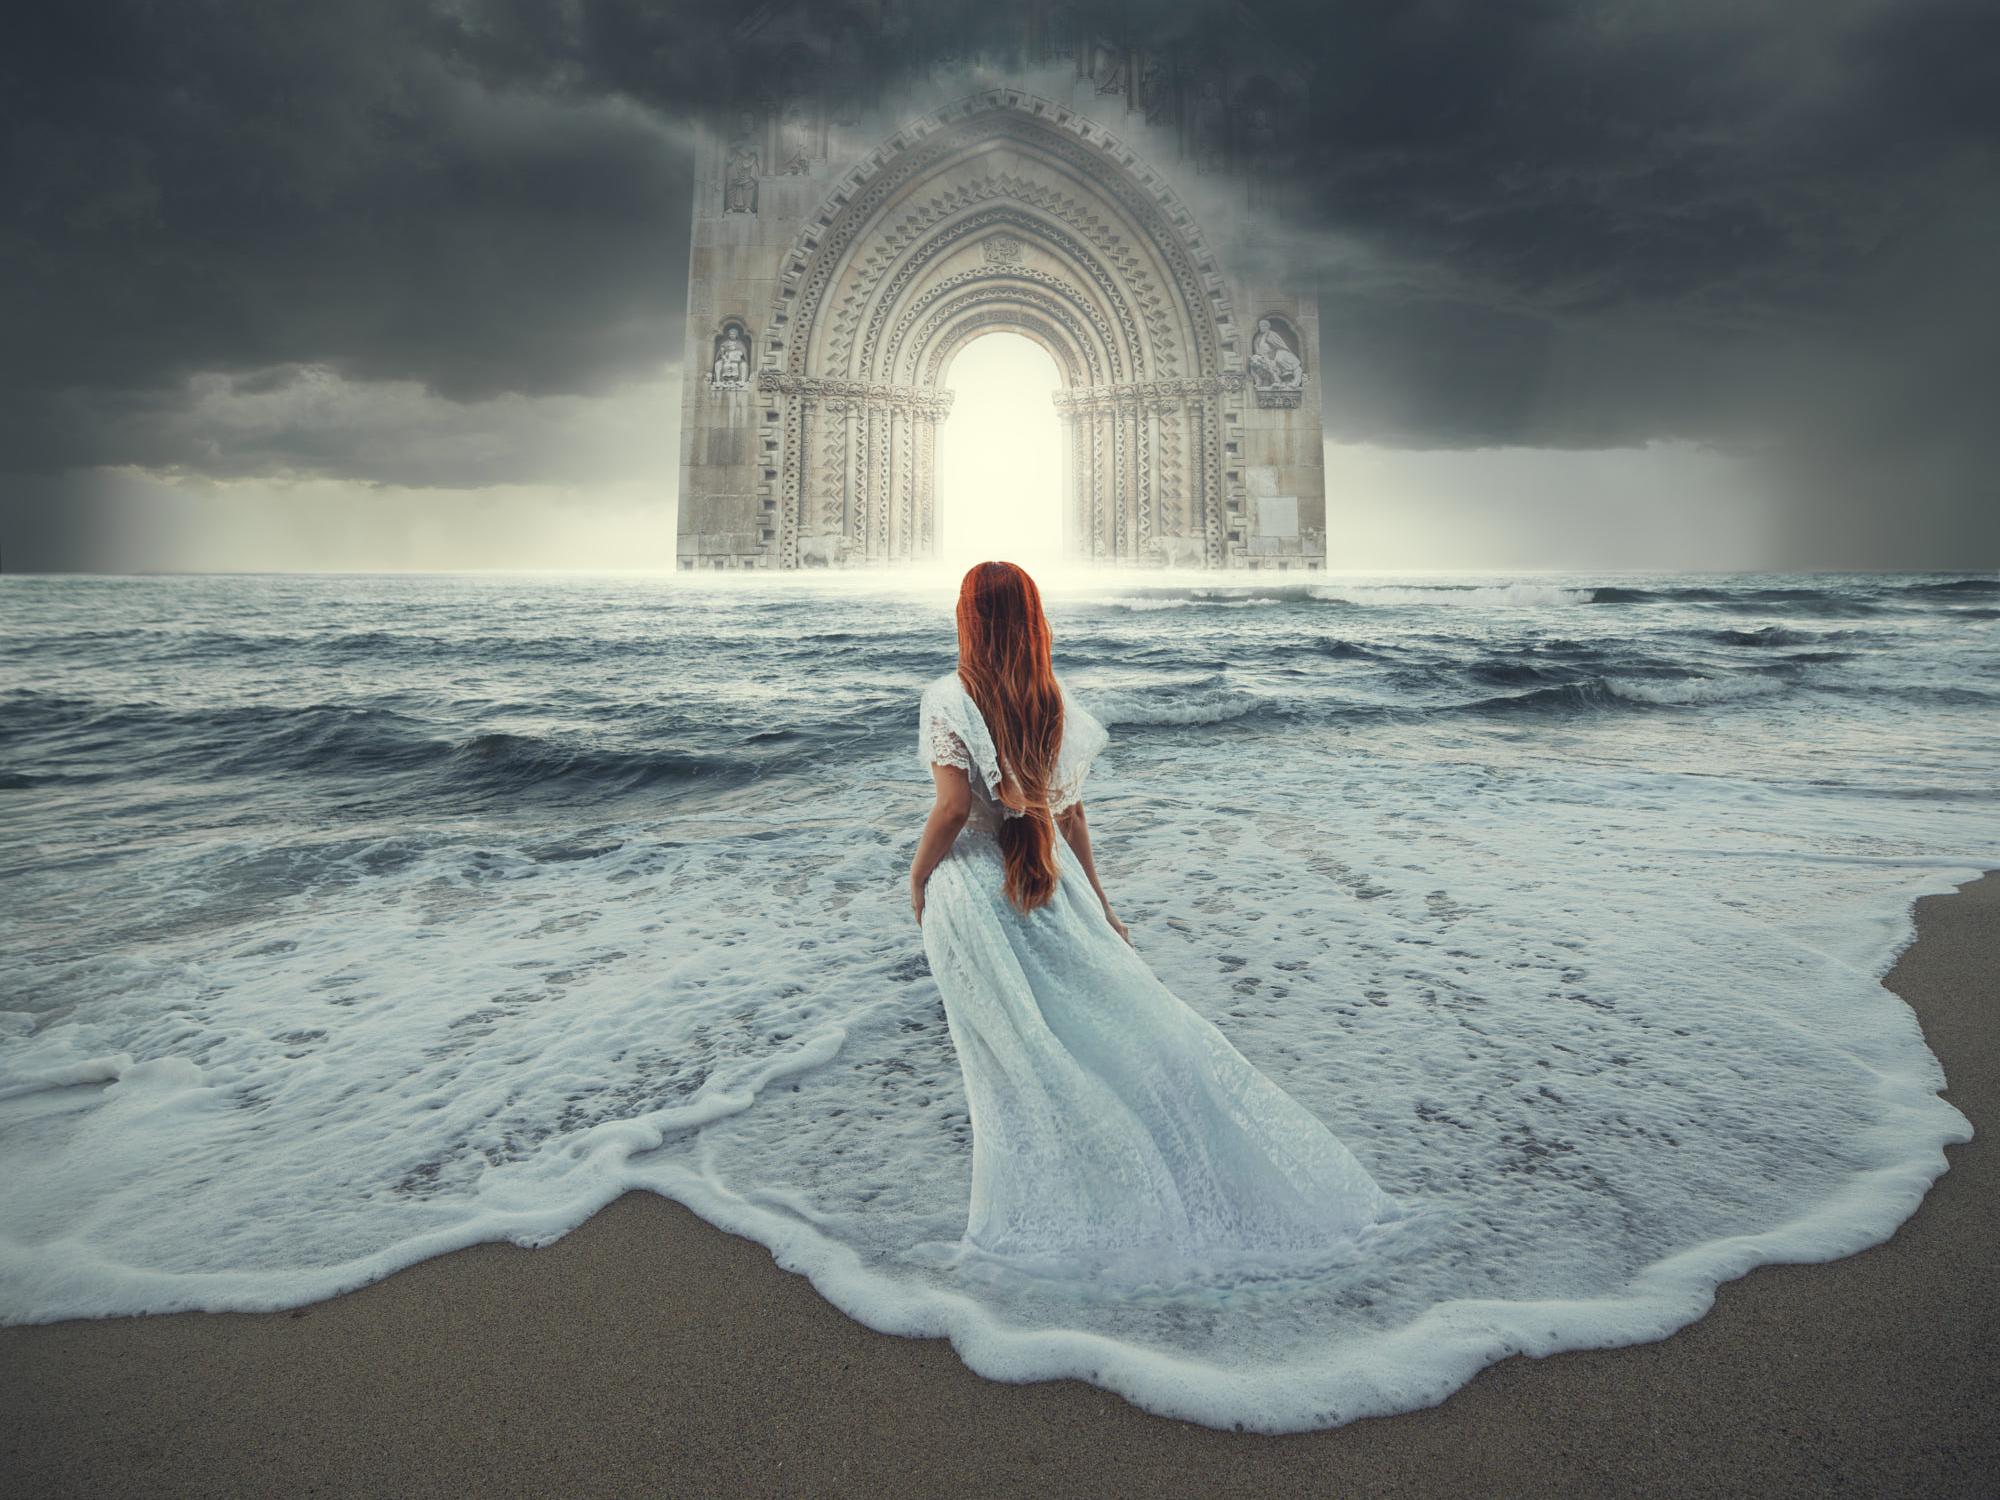 Arch Girl Horizon Long Hair Ocean Redhead Sea White Dress Woman 2000x1500